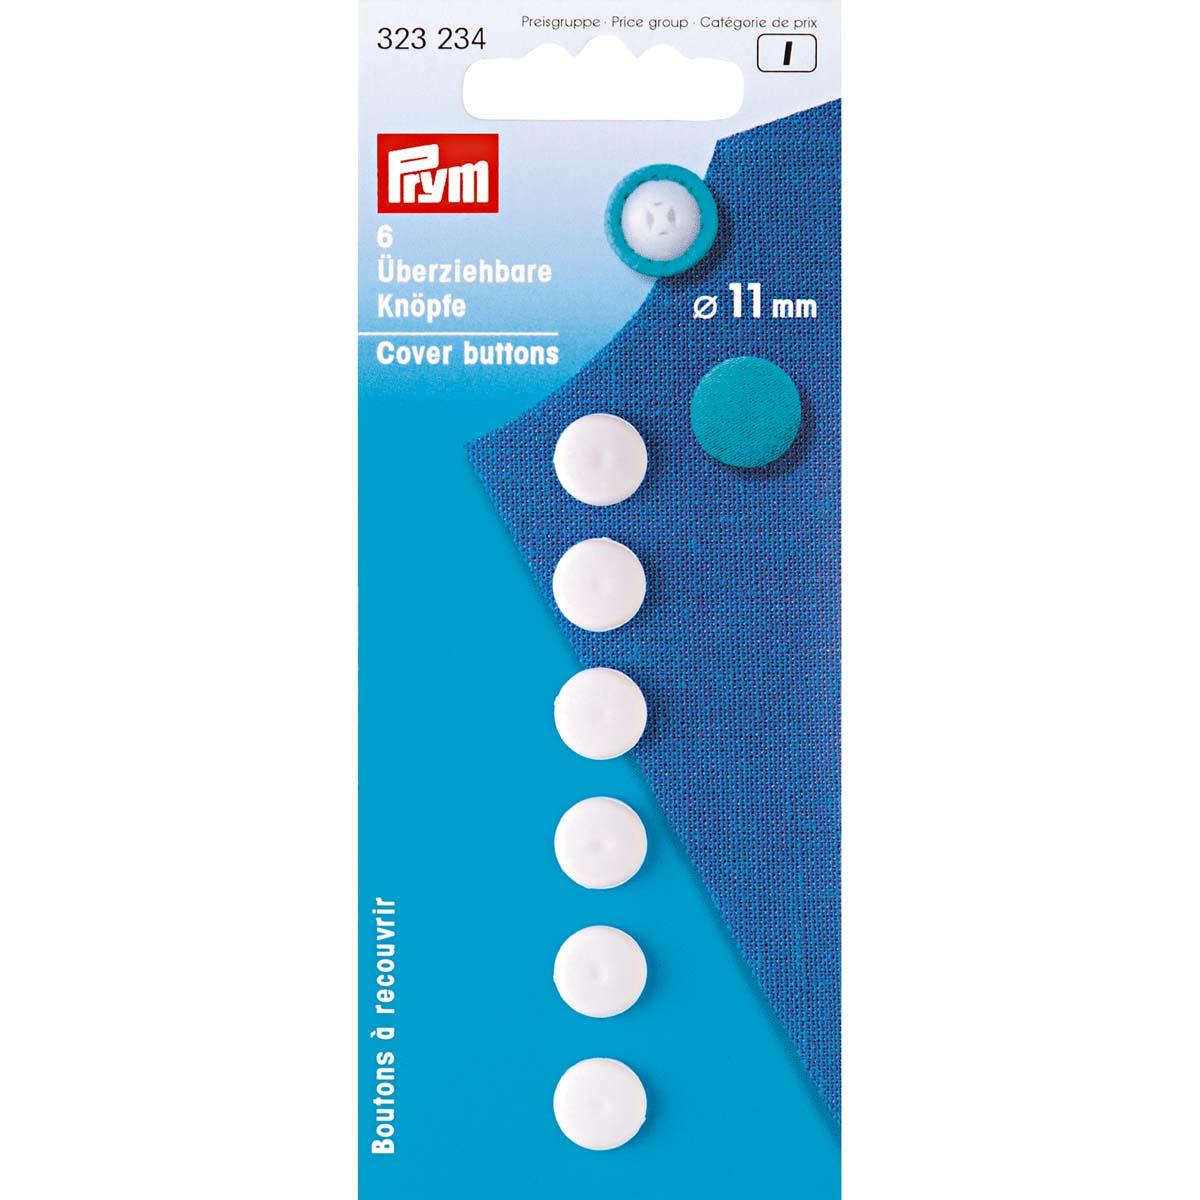 323234 Пуговицы для обтяжки тканью, пластик, белый цв. 18' 11мм Prym